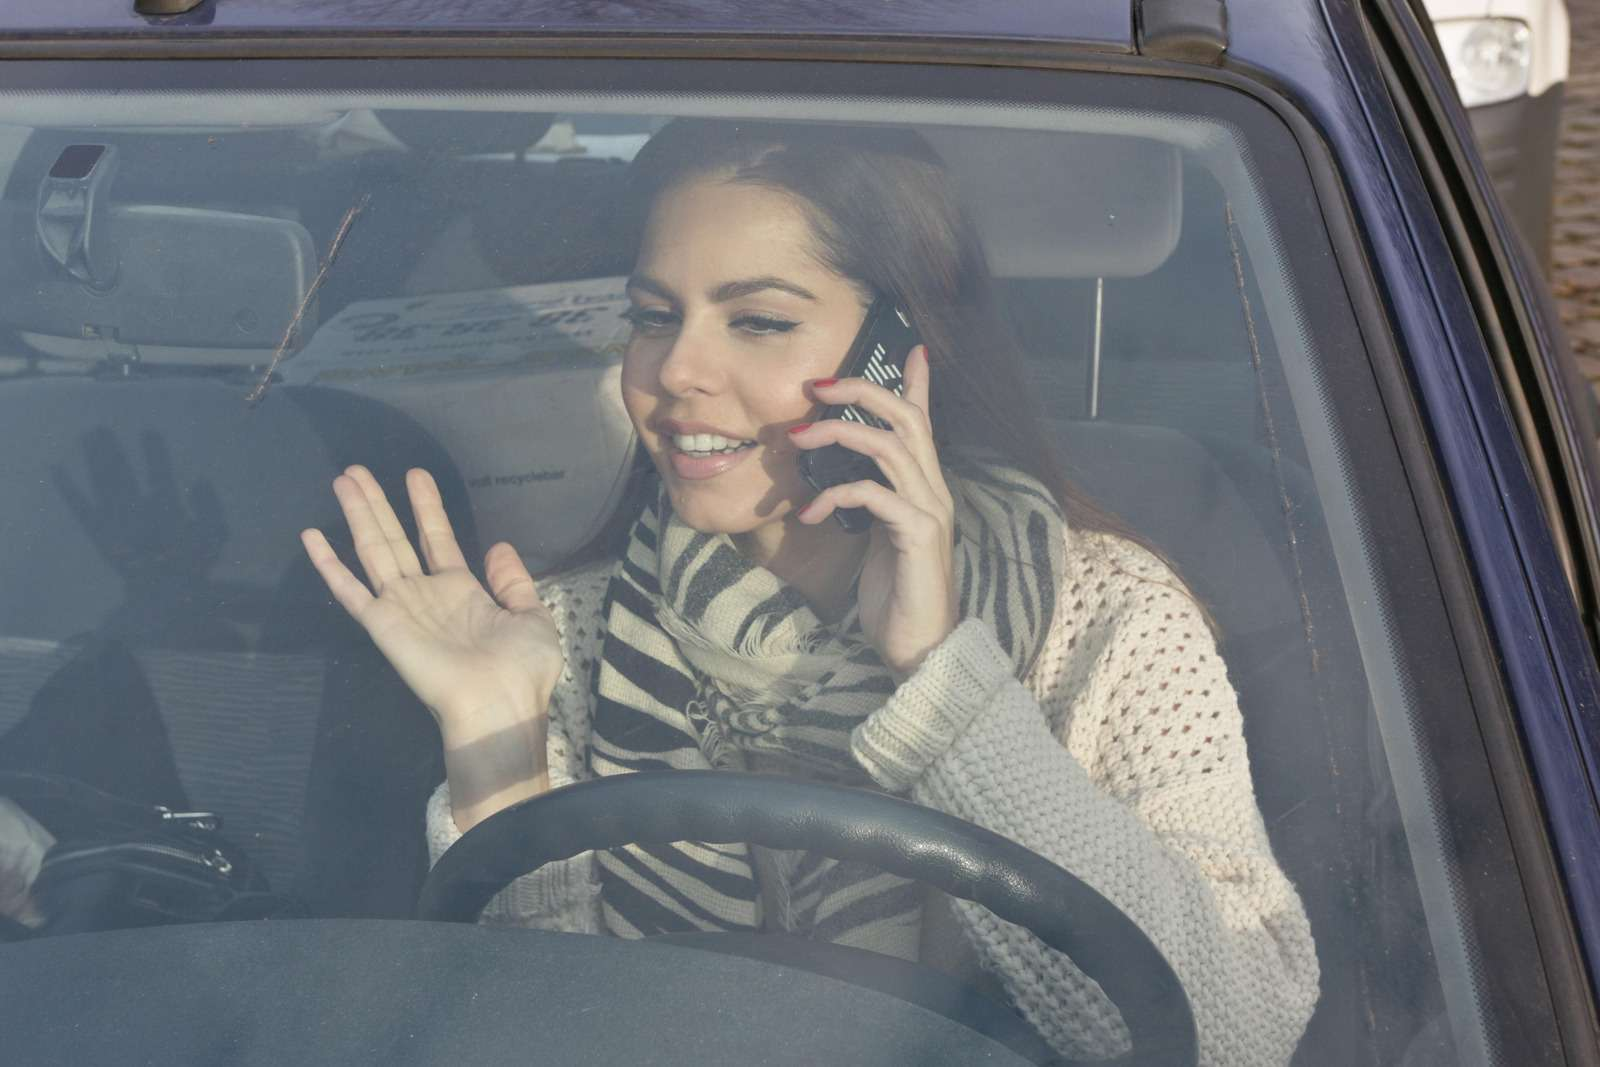 Ролики приколы смотреть онлайн бесплатно бабы за рулем 22 фотография